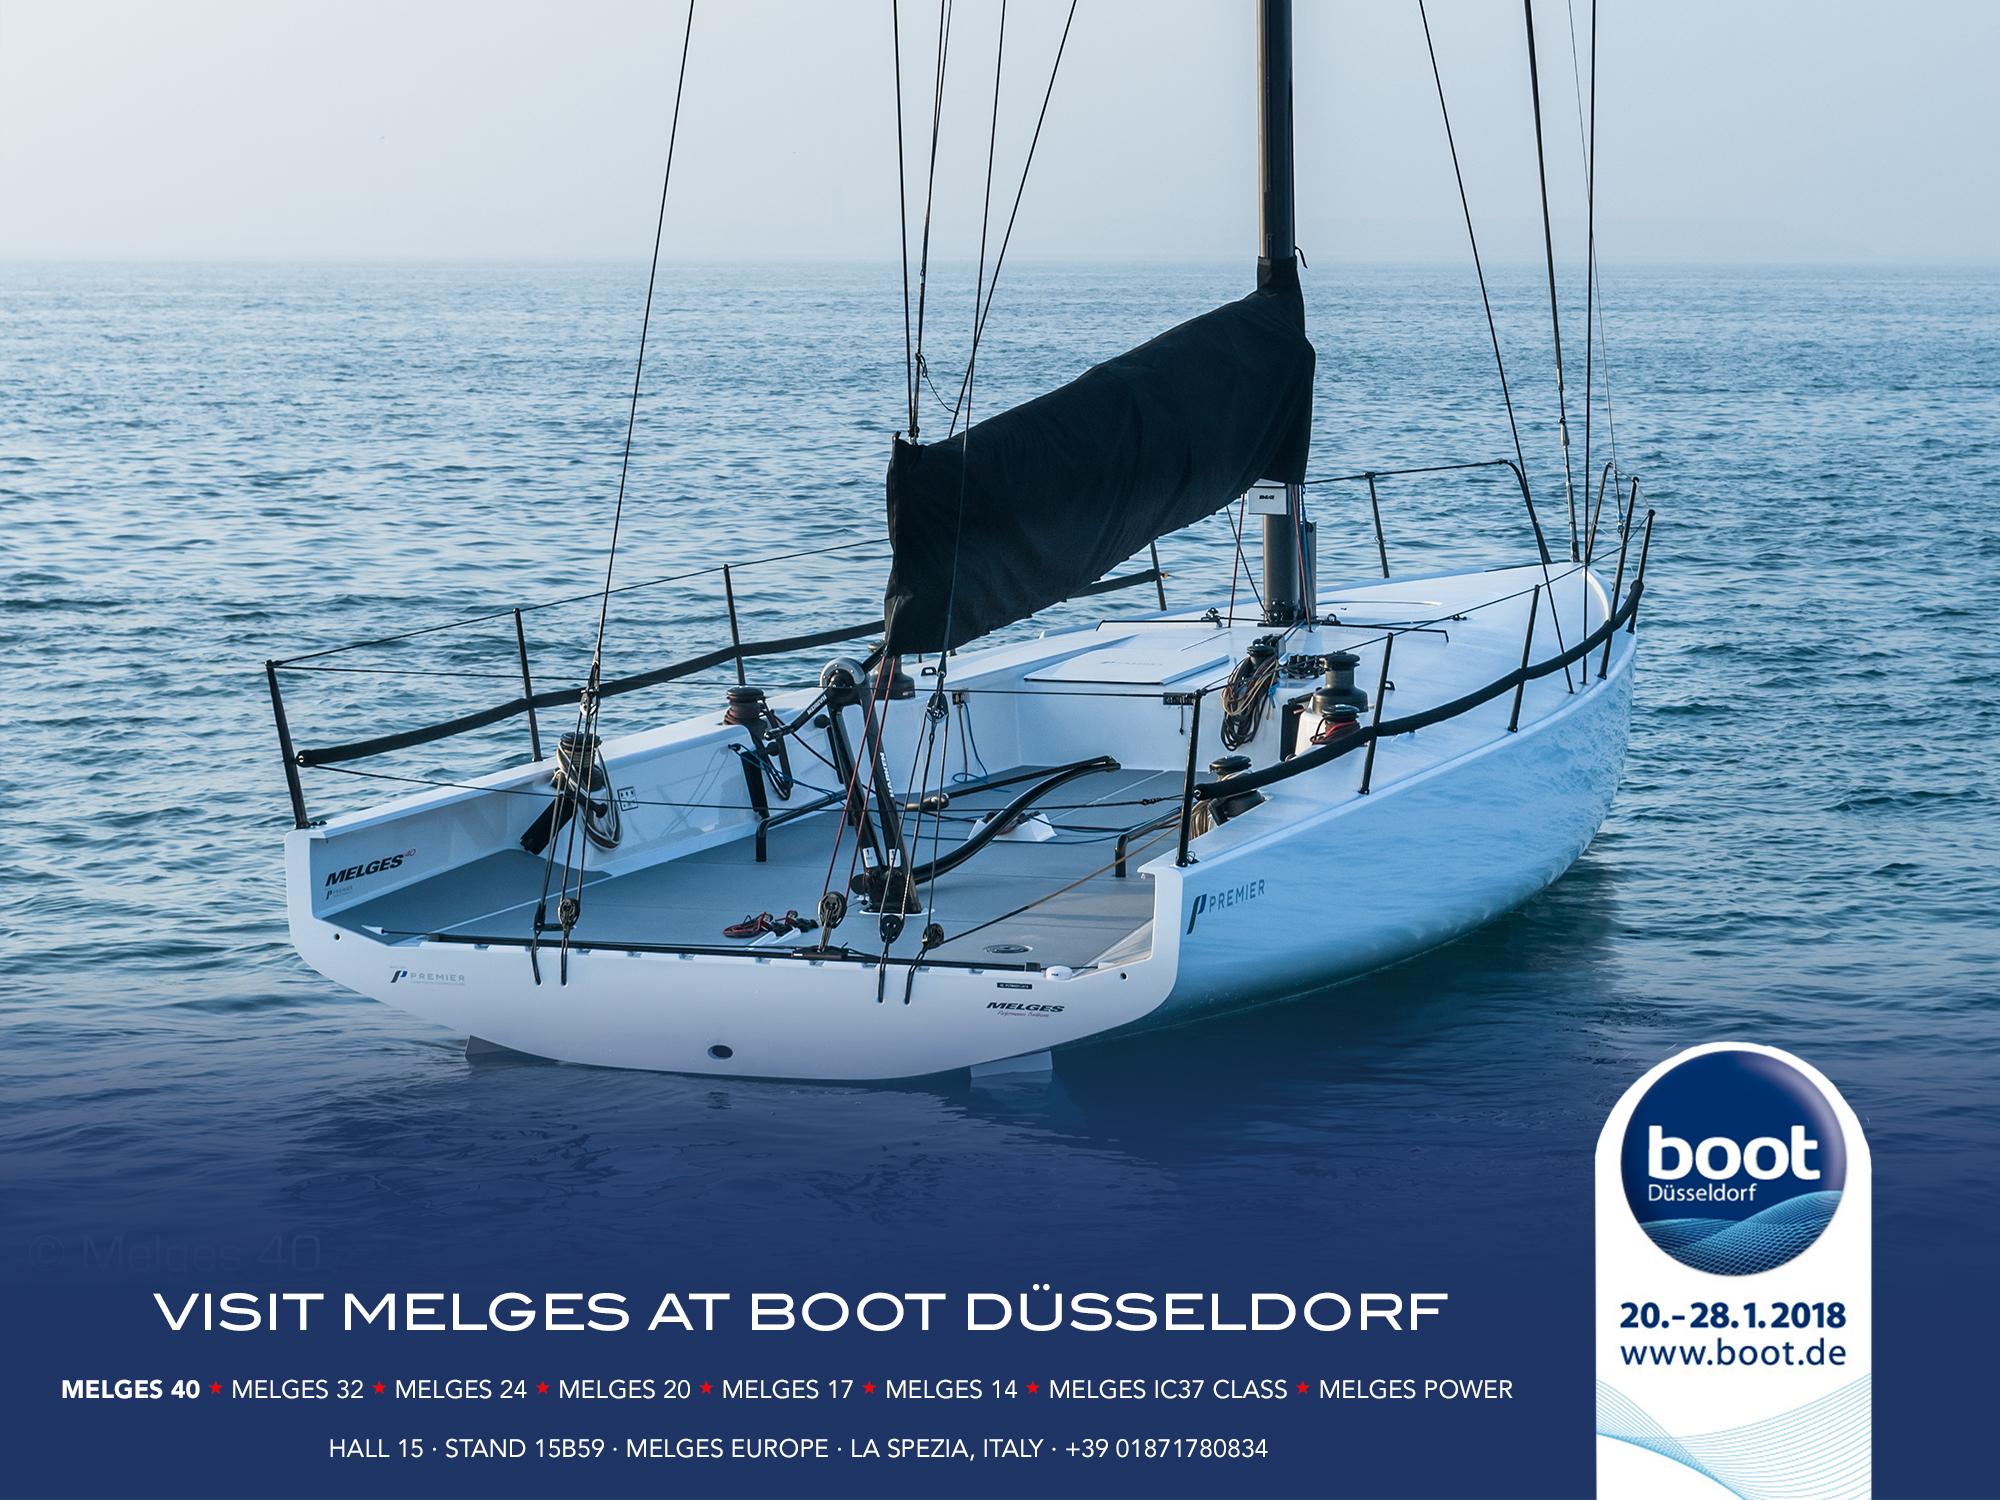 Boot Promo Melges 40.jpg